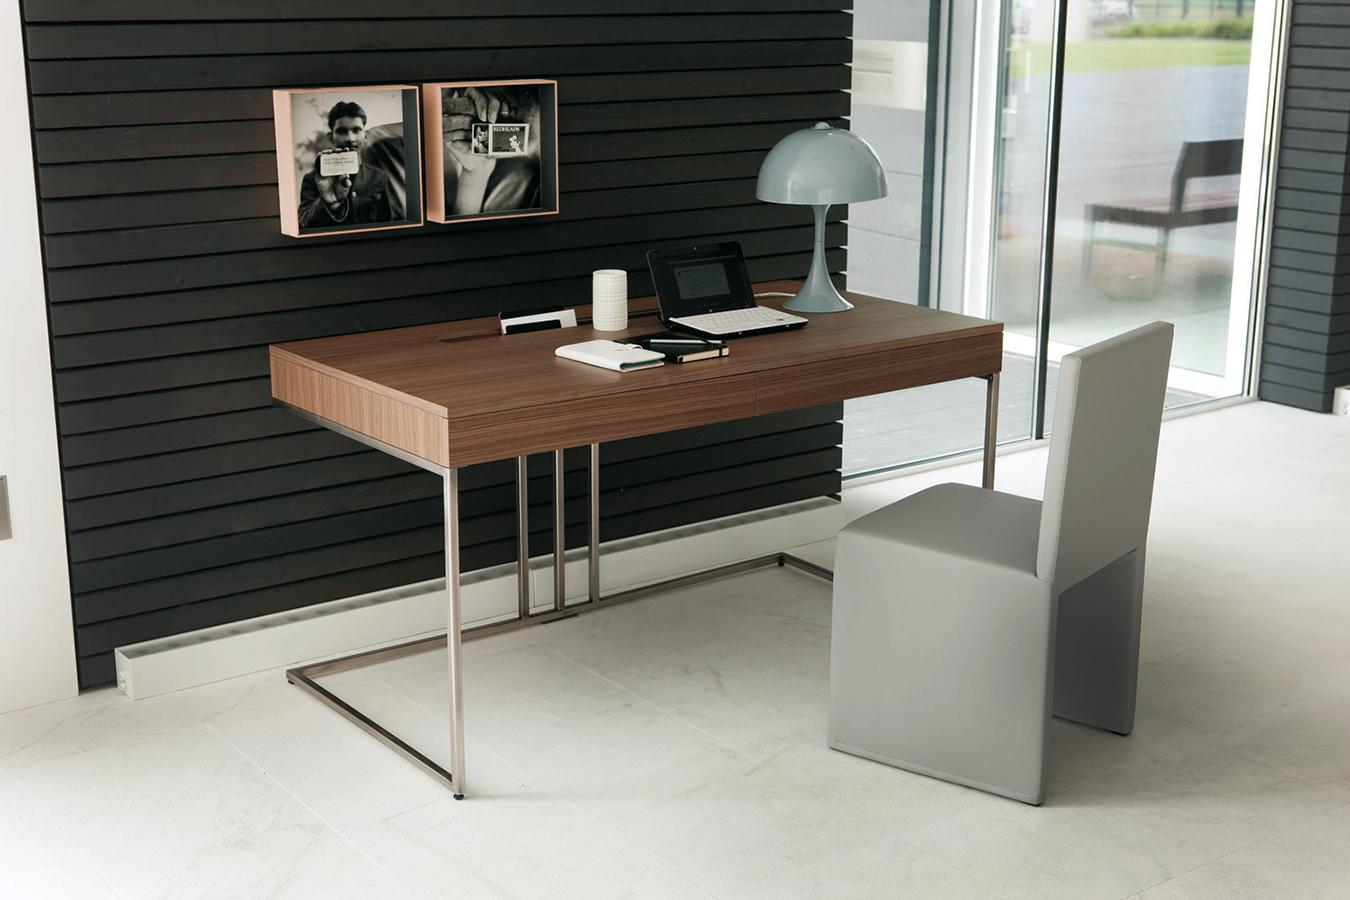 modern furniture lighting spencer interiors vancouver desks